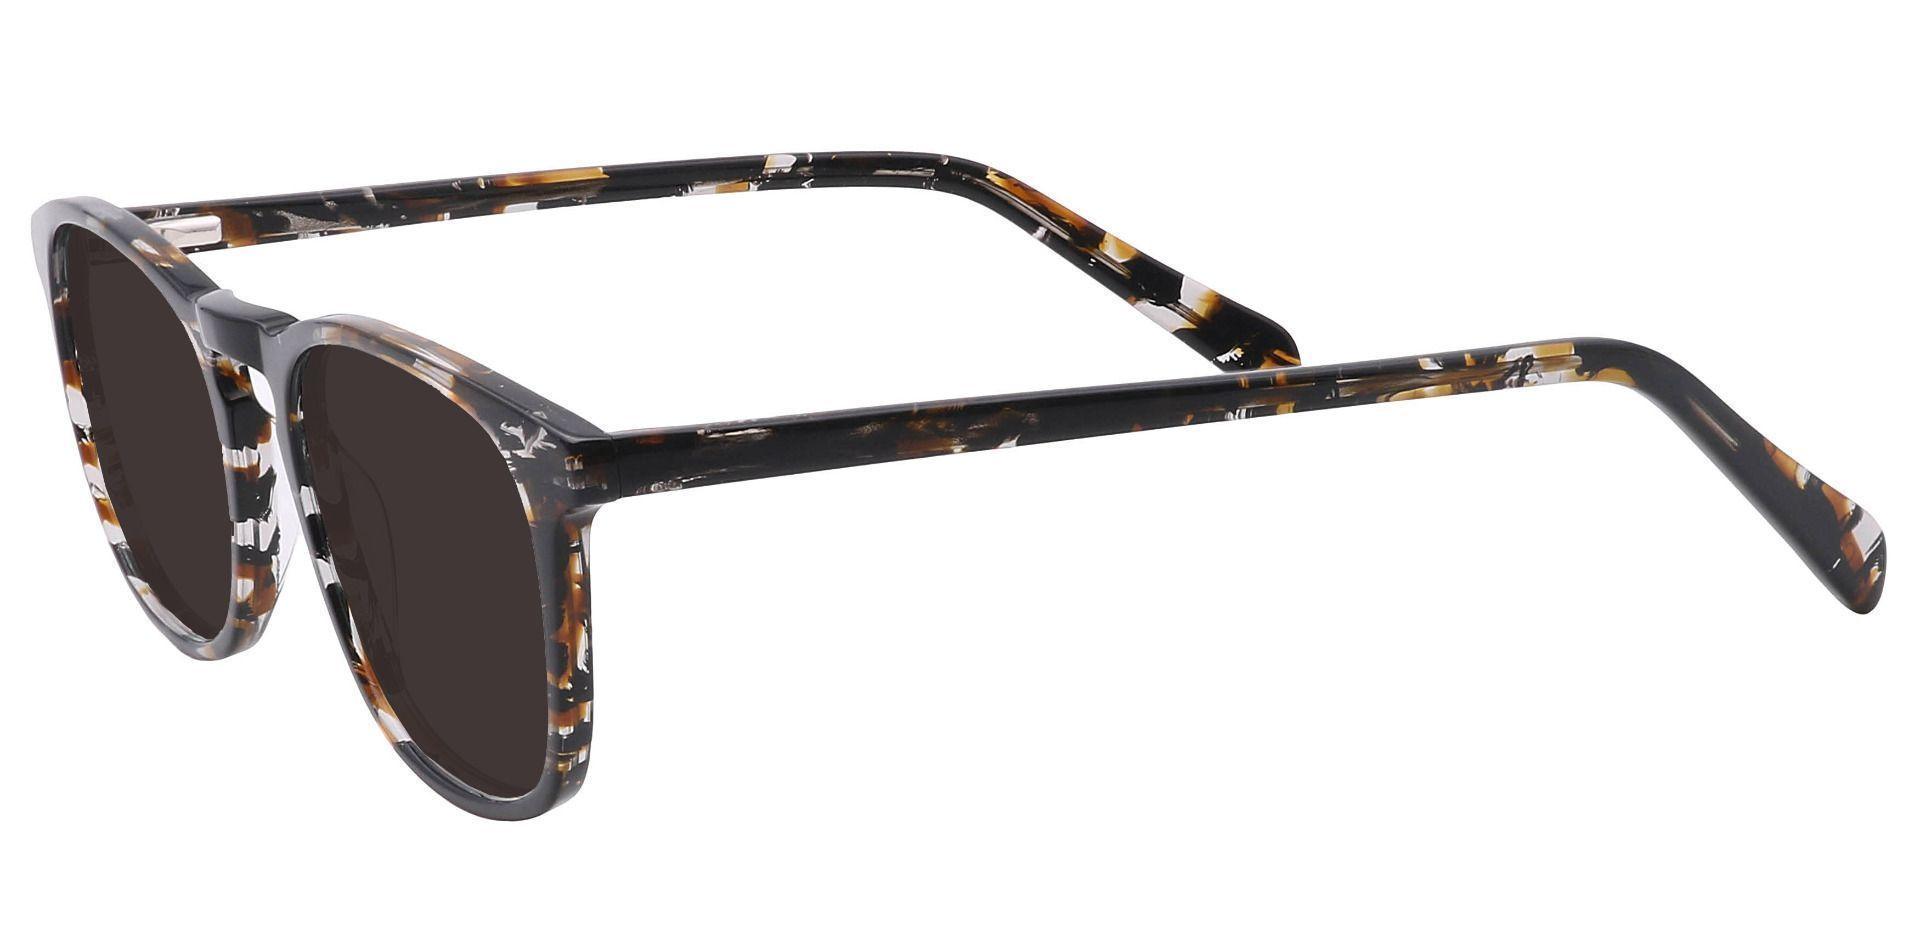 Venti Square Prescription Sunglasses - Black Frame With Gray Lenses